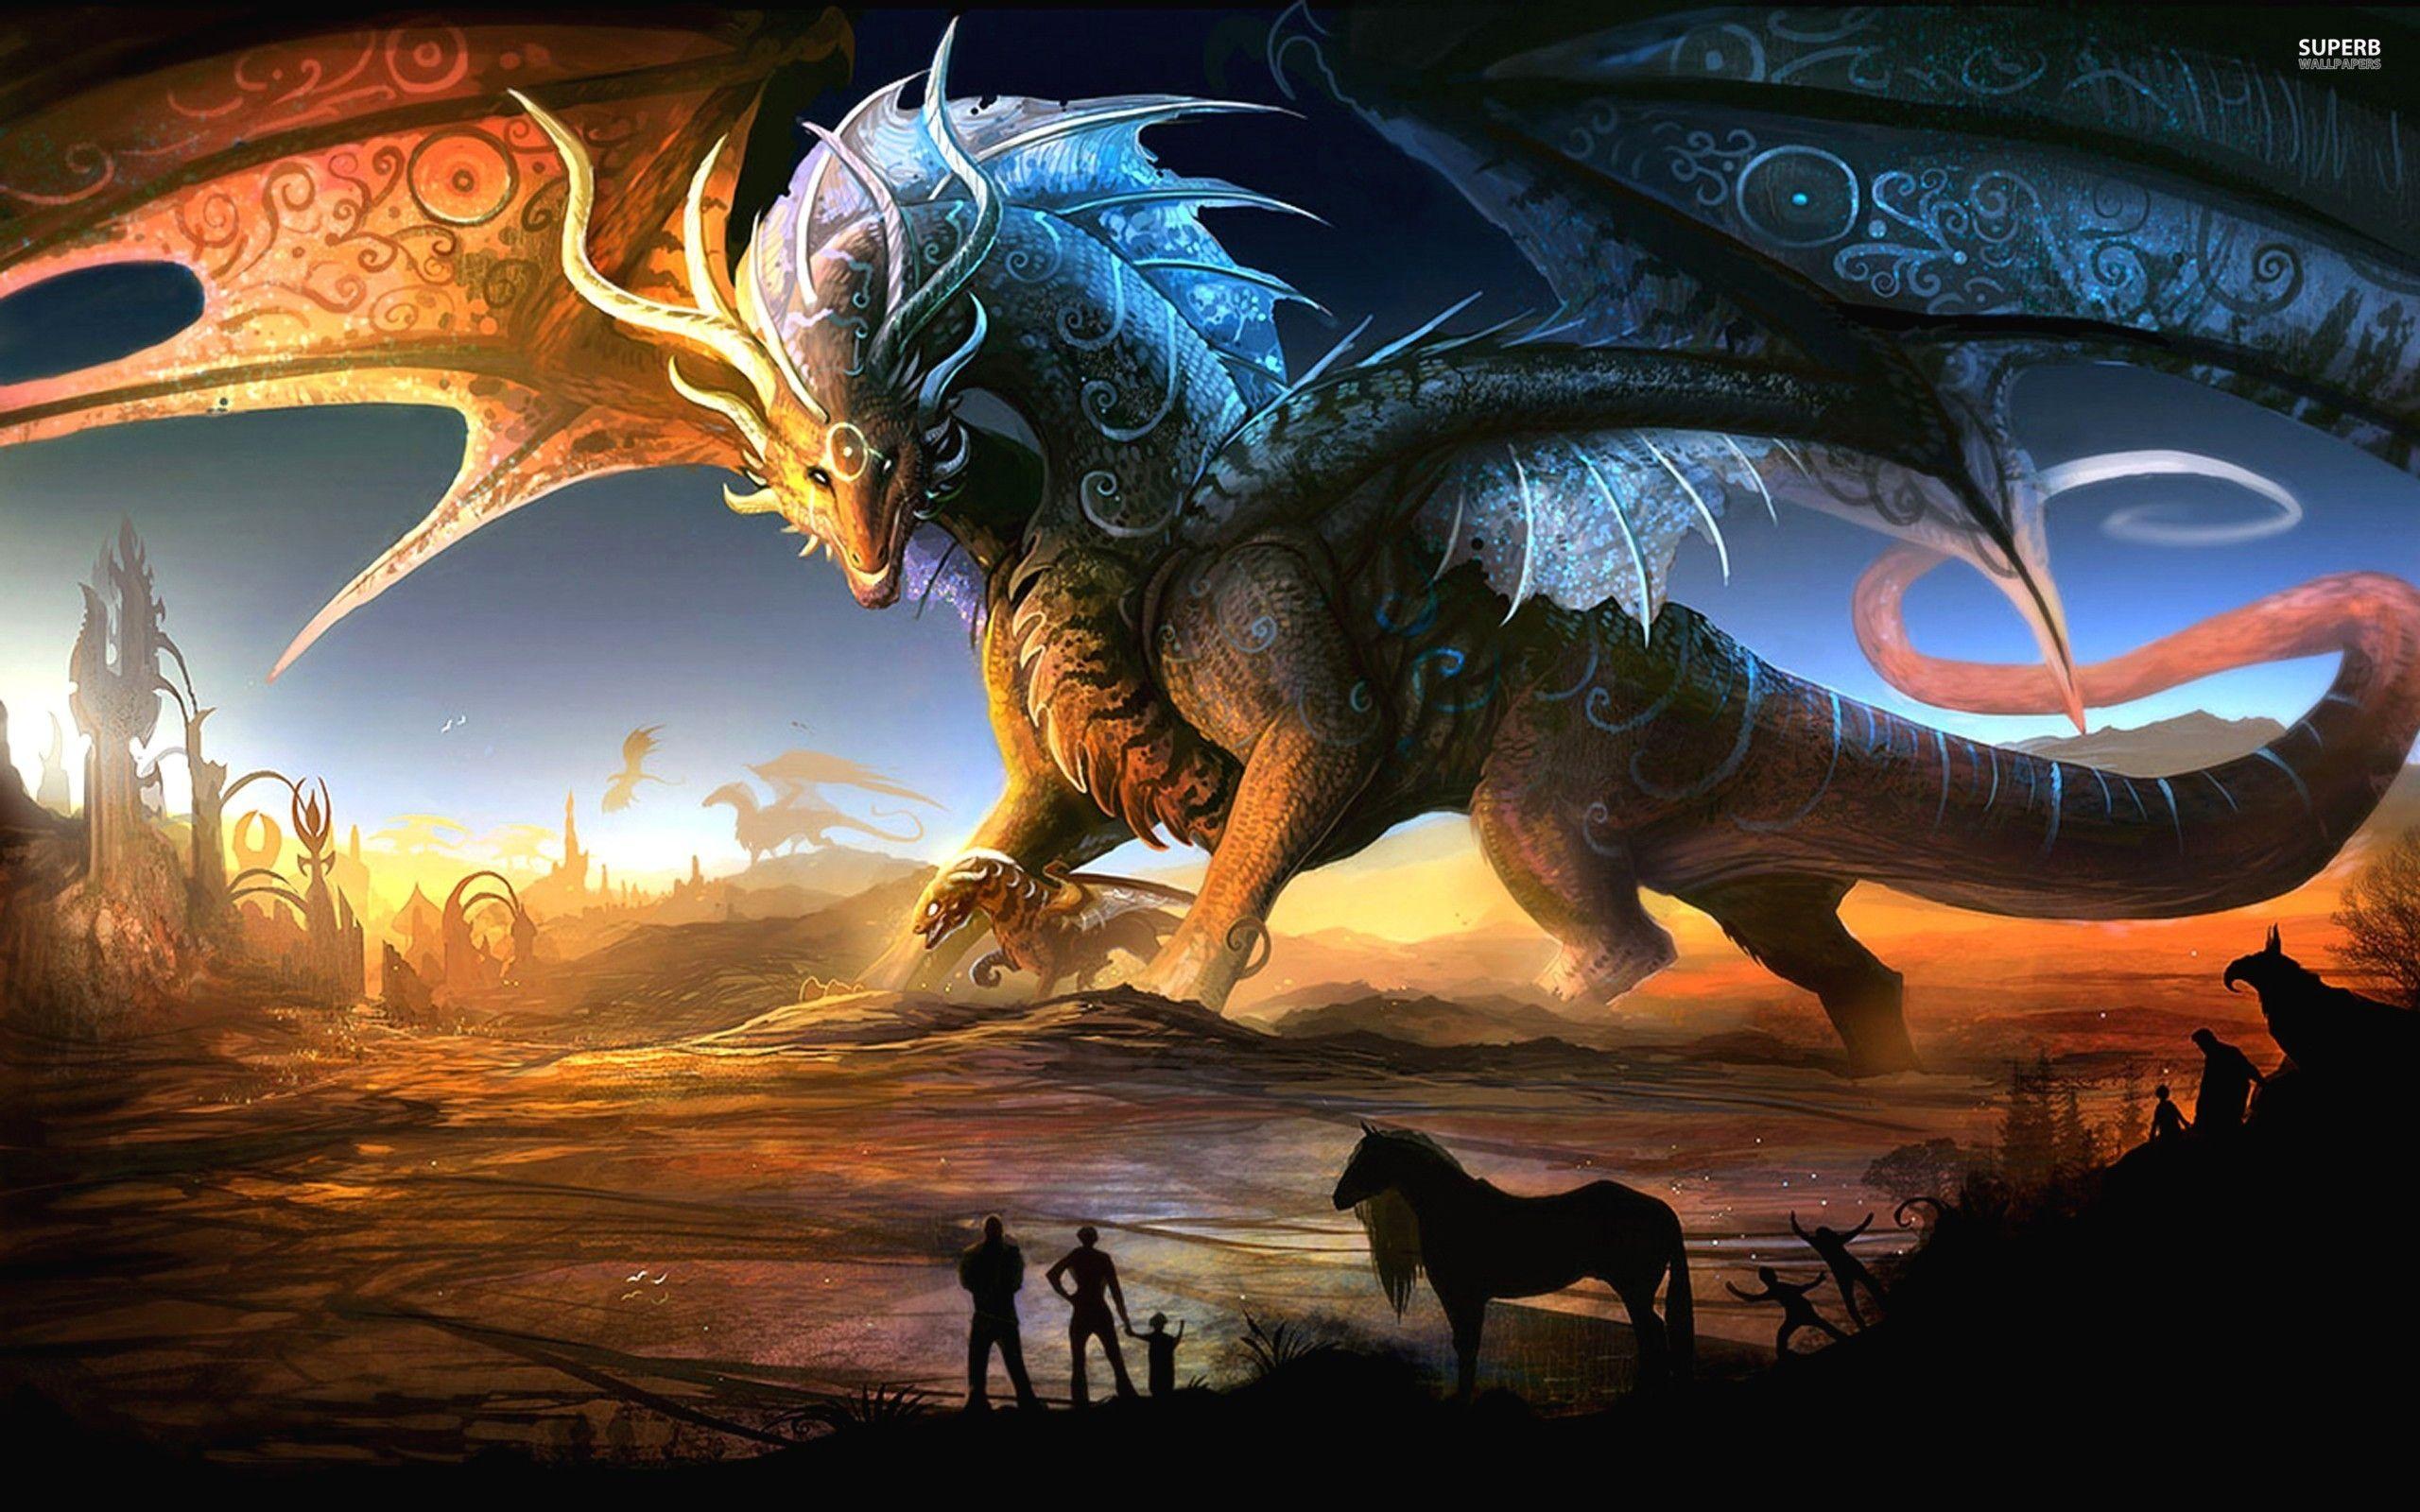 Dragon wallpaper | xxrtuxt | Dragon pictures, Fantasy dragon